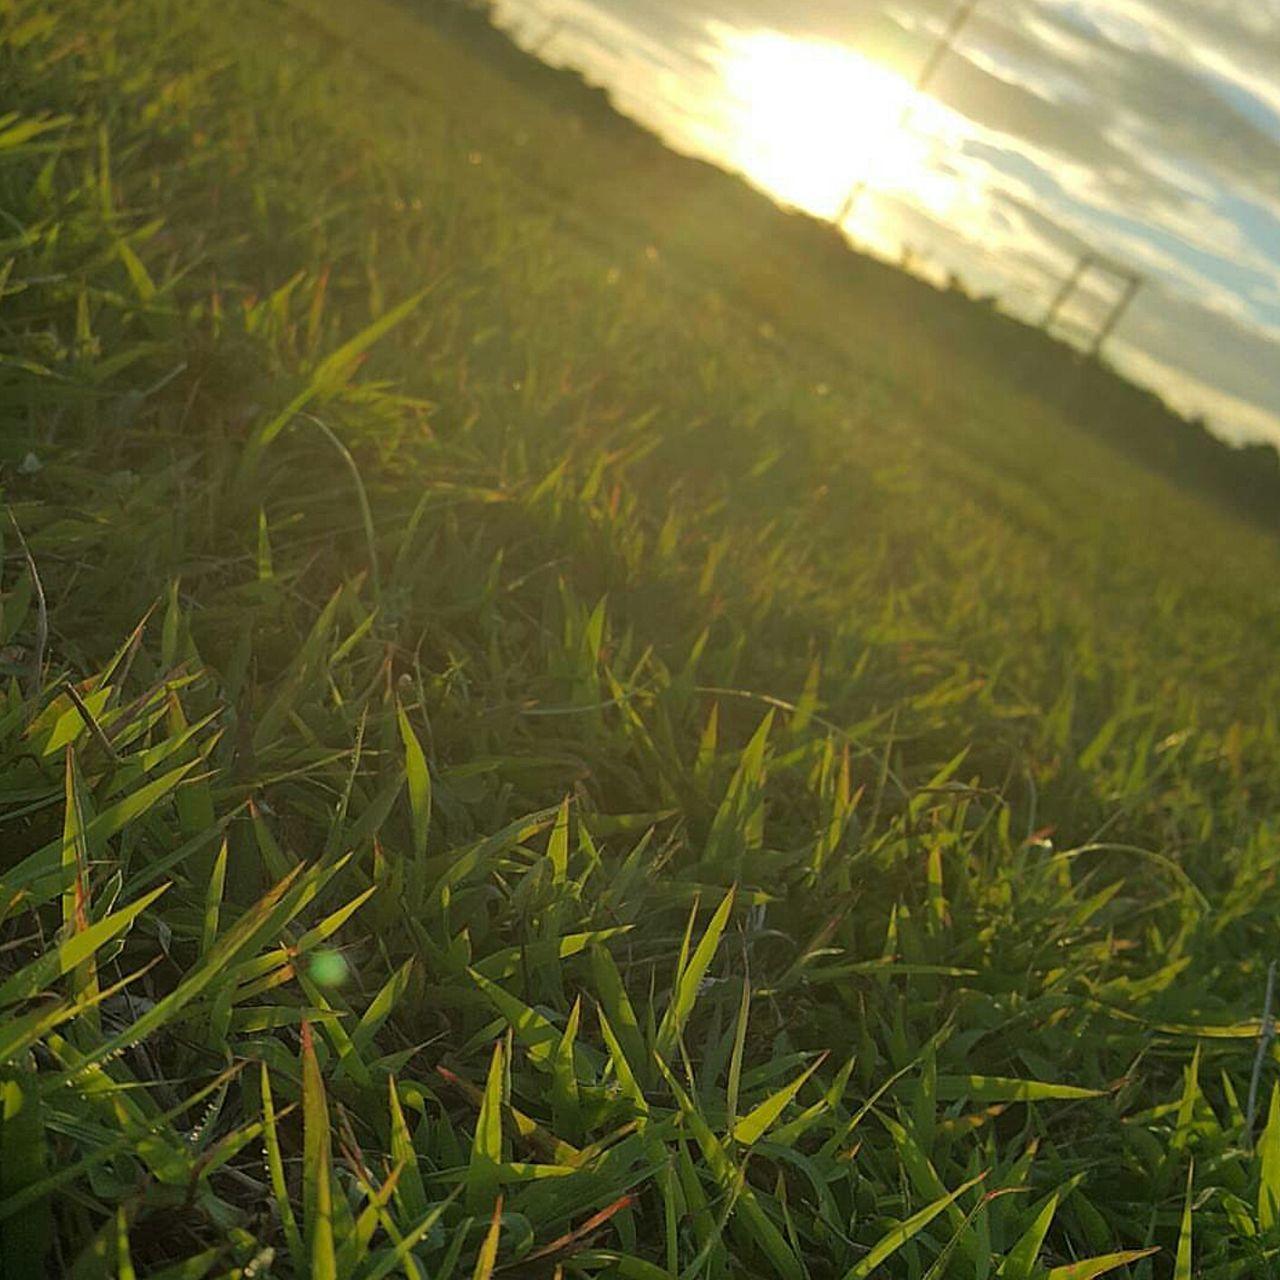 Sun Glare Grass Green Field